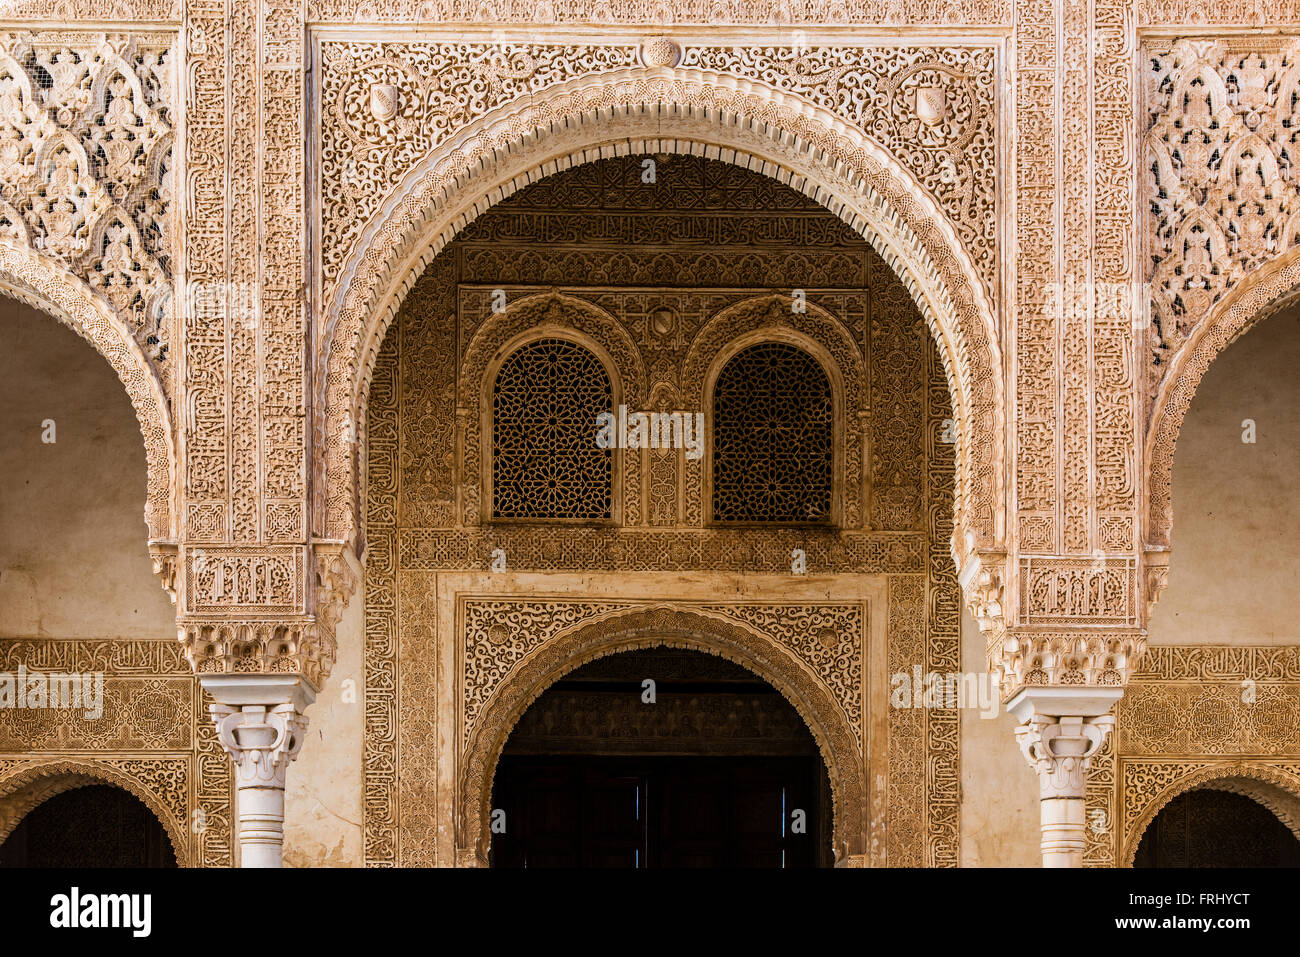 La arquitectura morisca dentro de los Palacios Nazaries o los palacios nazaríes, la Alhambra, Granada, Andalucía, Imagen De Stock